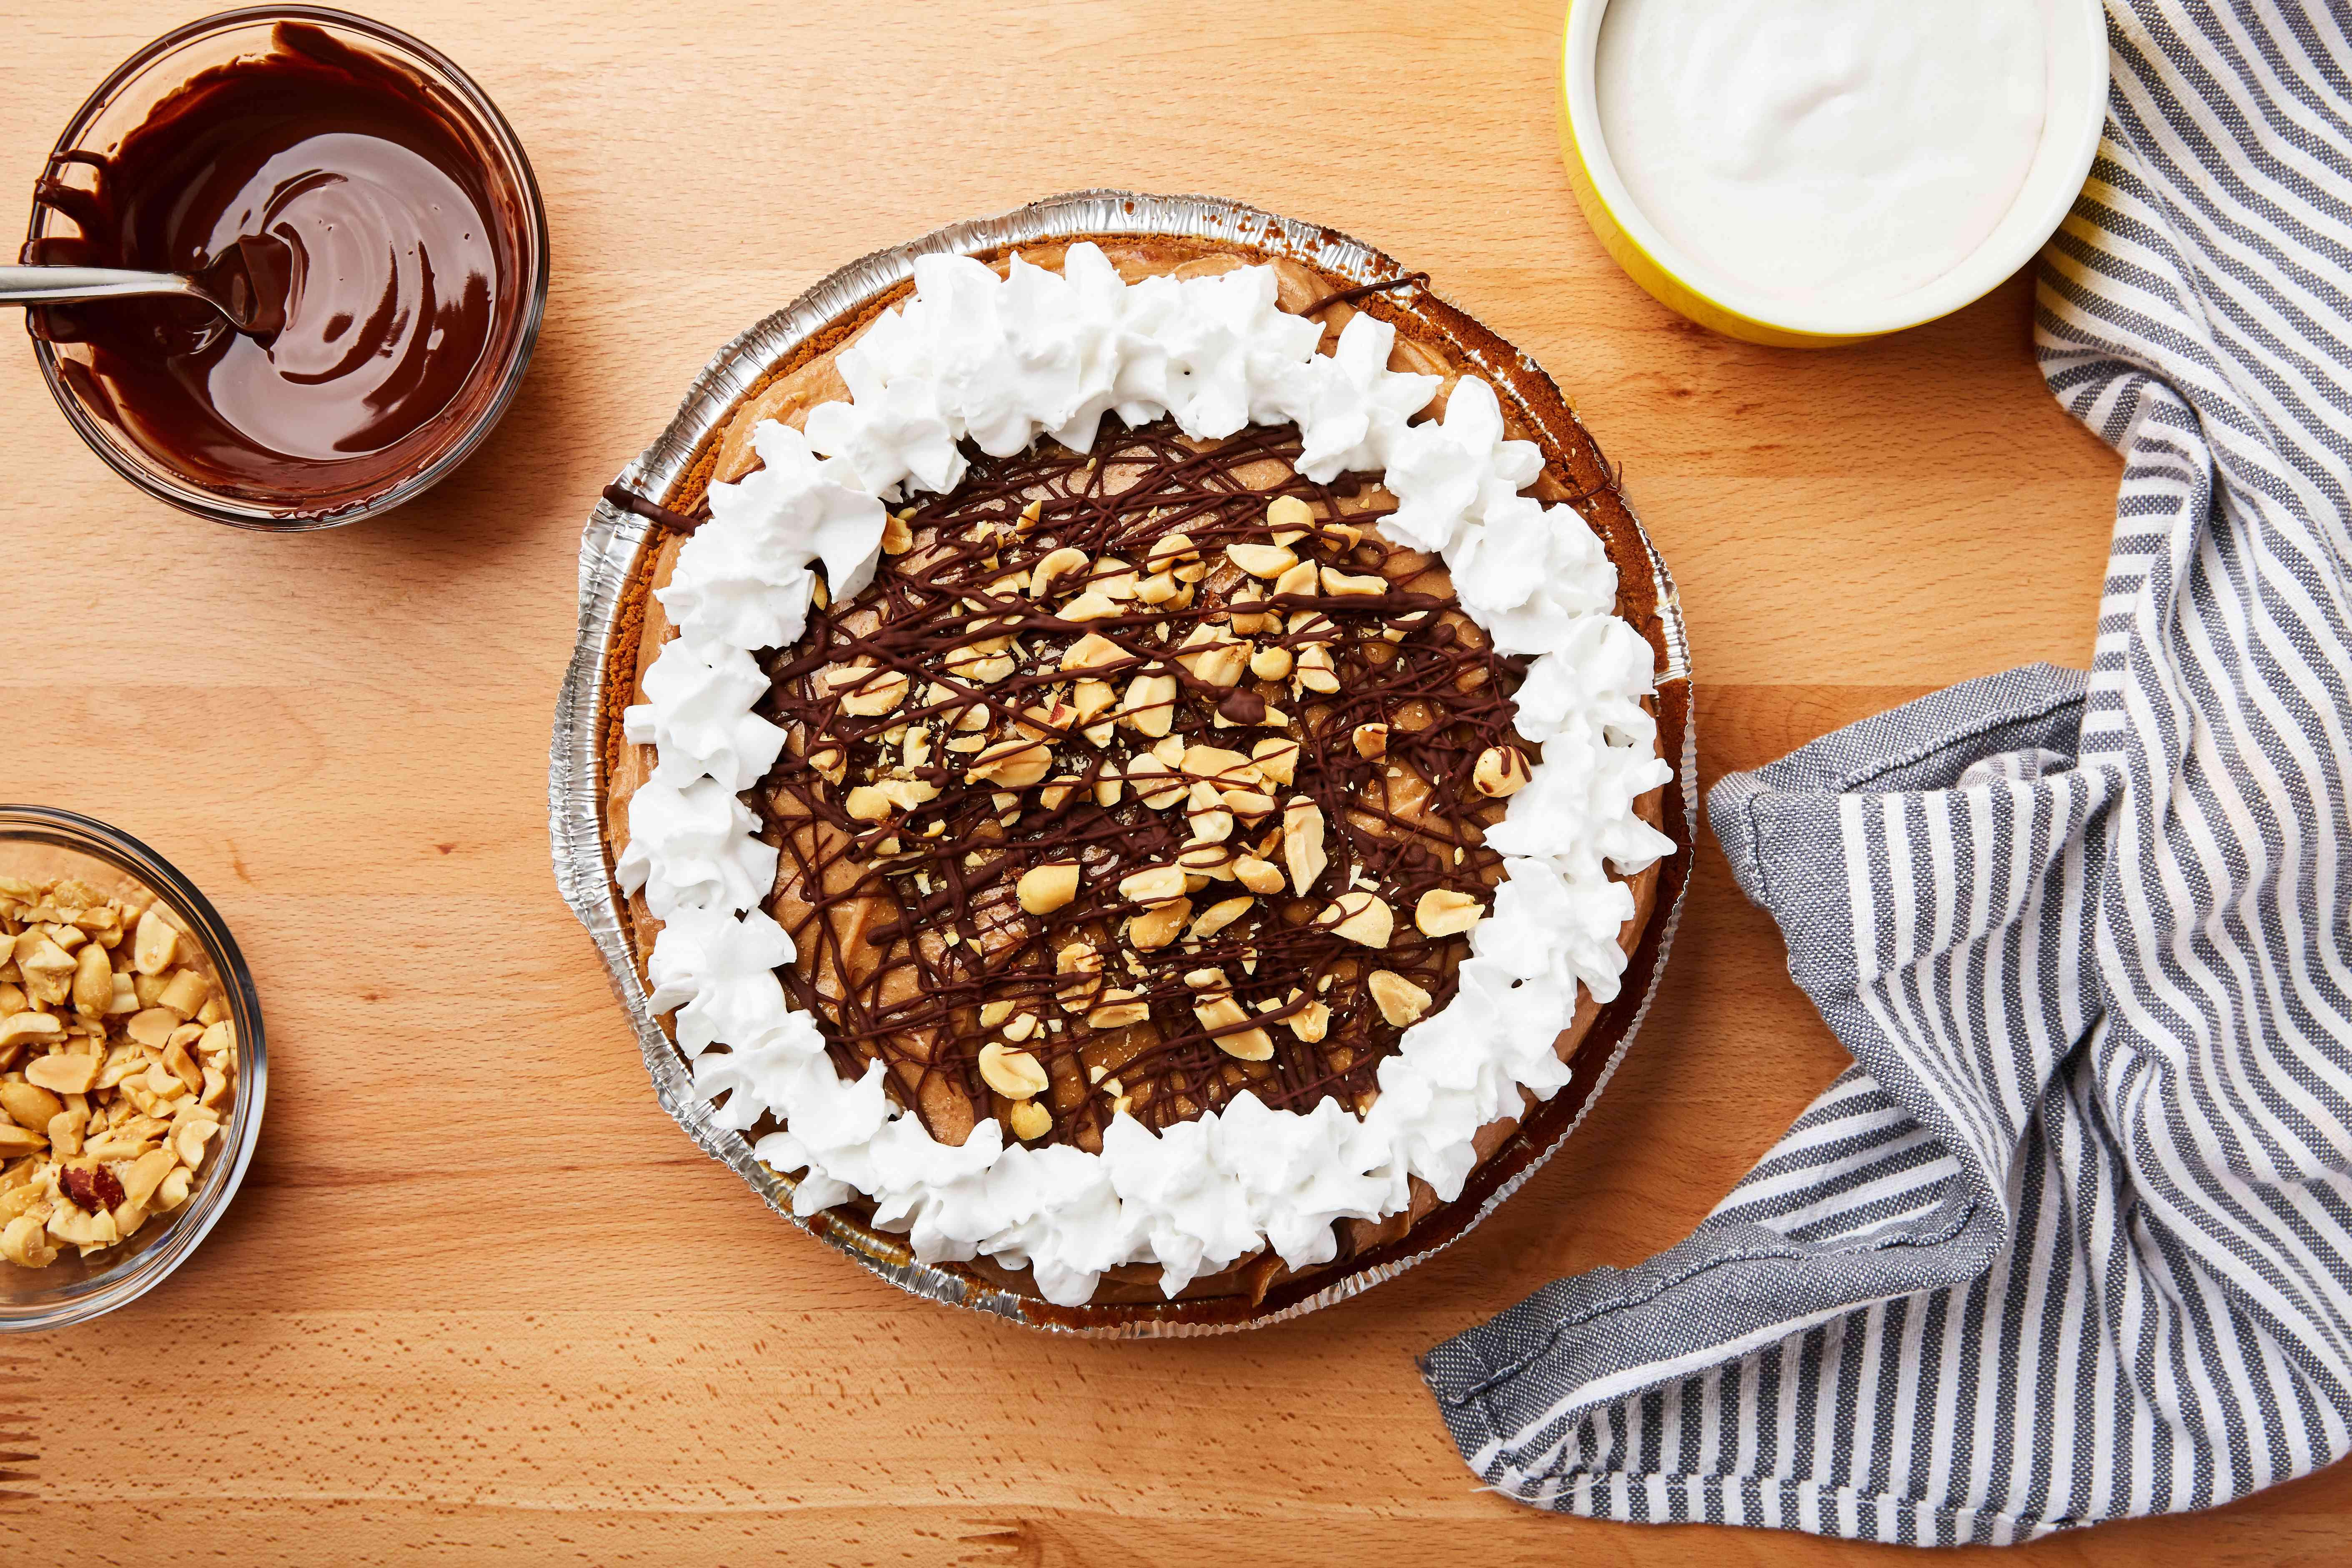 Garnish pie